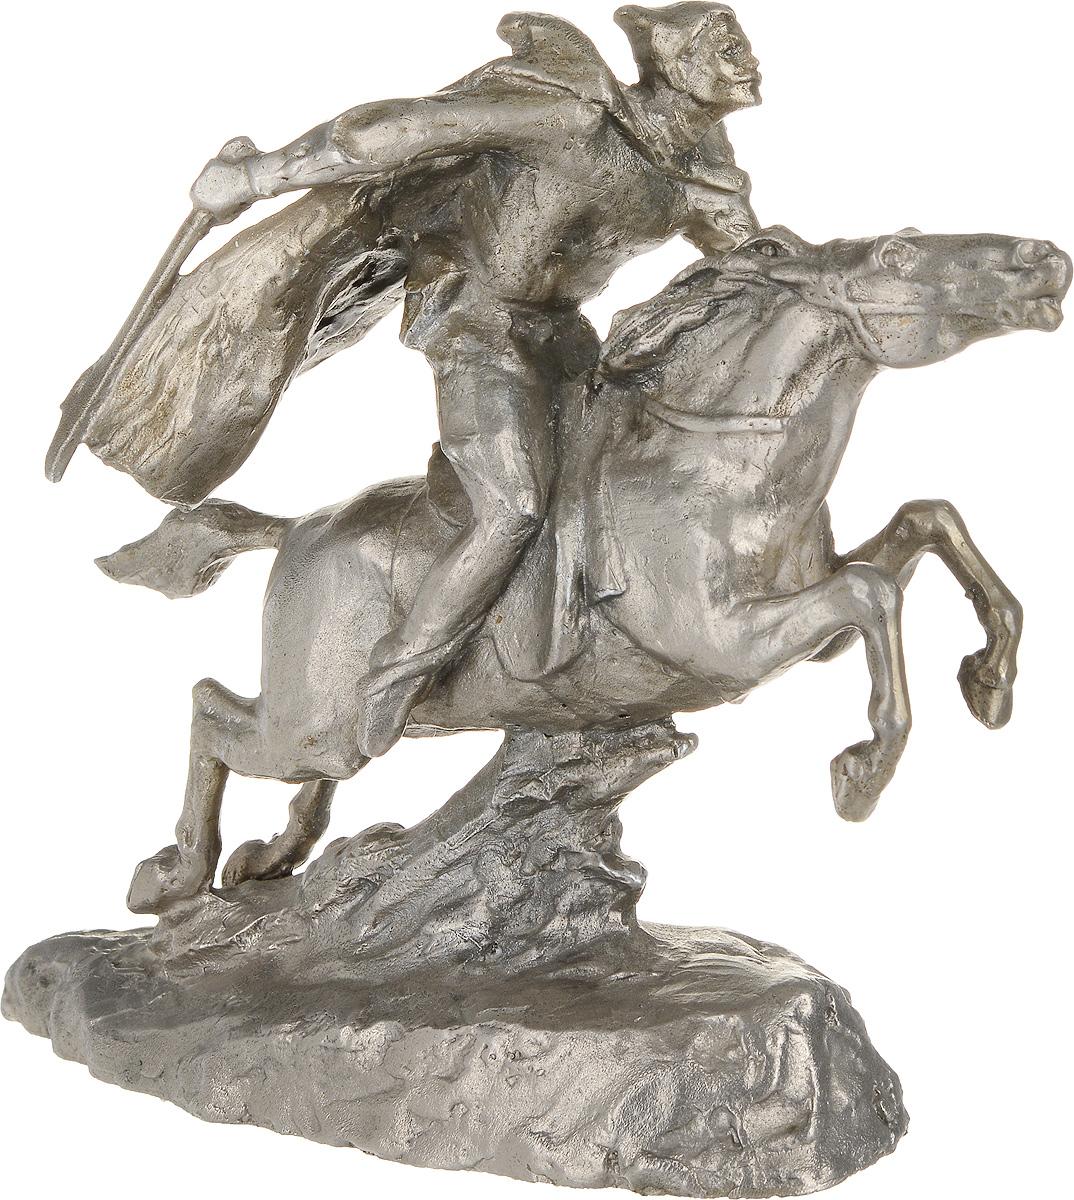 Статуэтка В. И. Чапаев верхом на коне. Алюминиевый сплав. СССР, вторая половина ХХ века статуэтка кролик 30 х 20 х 29 см